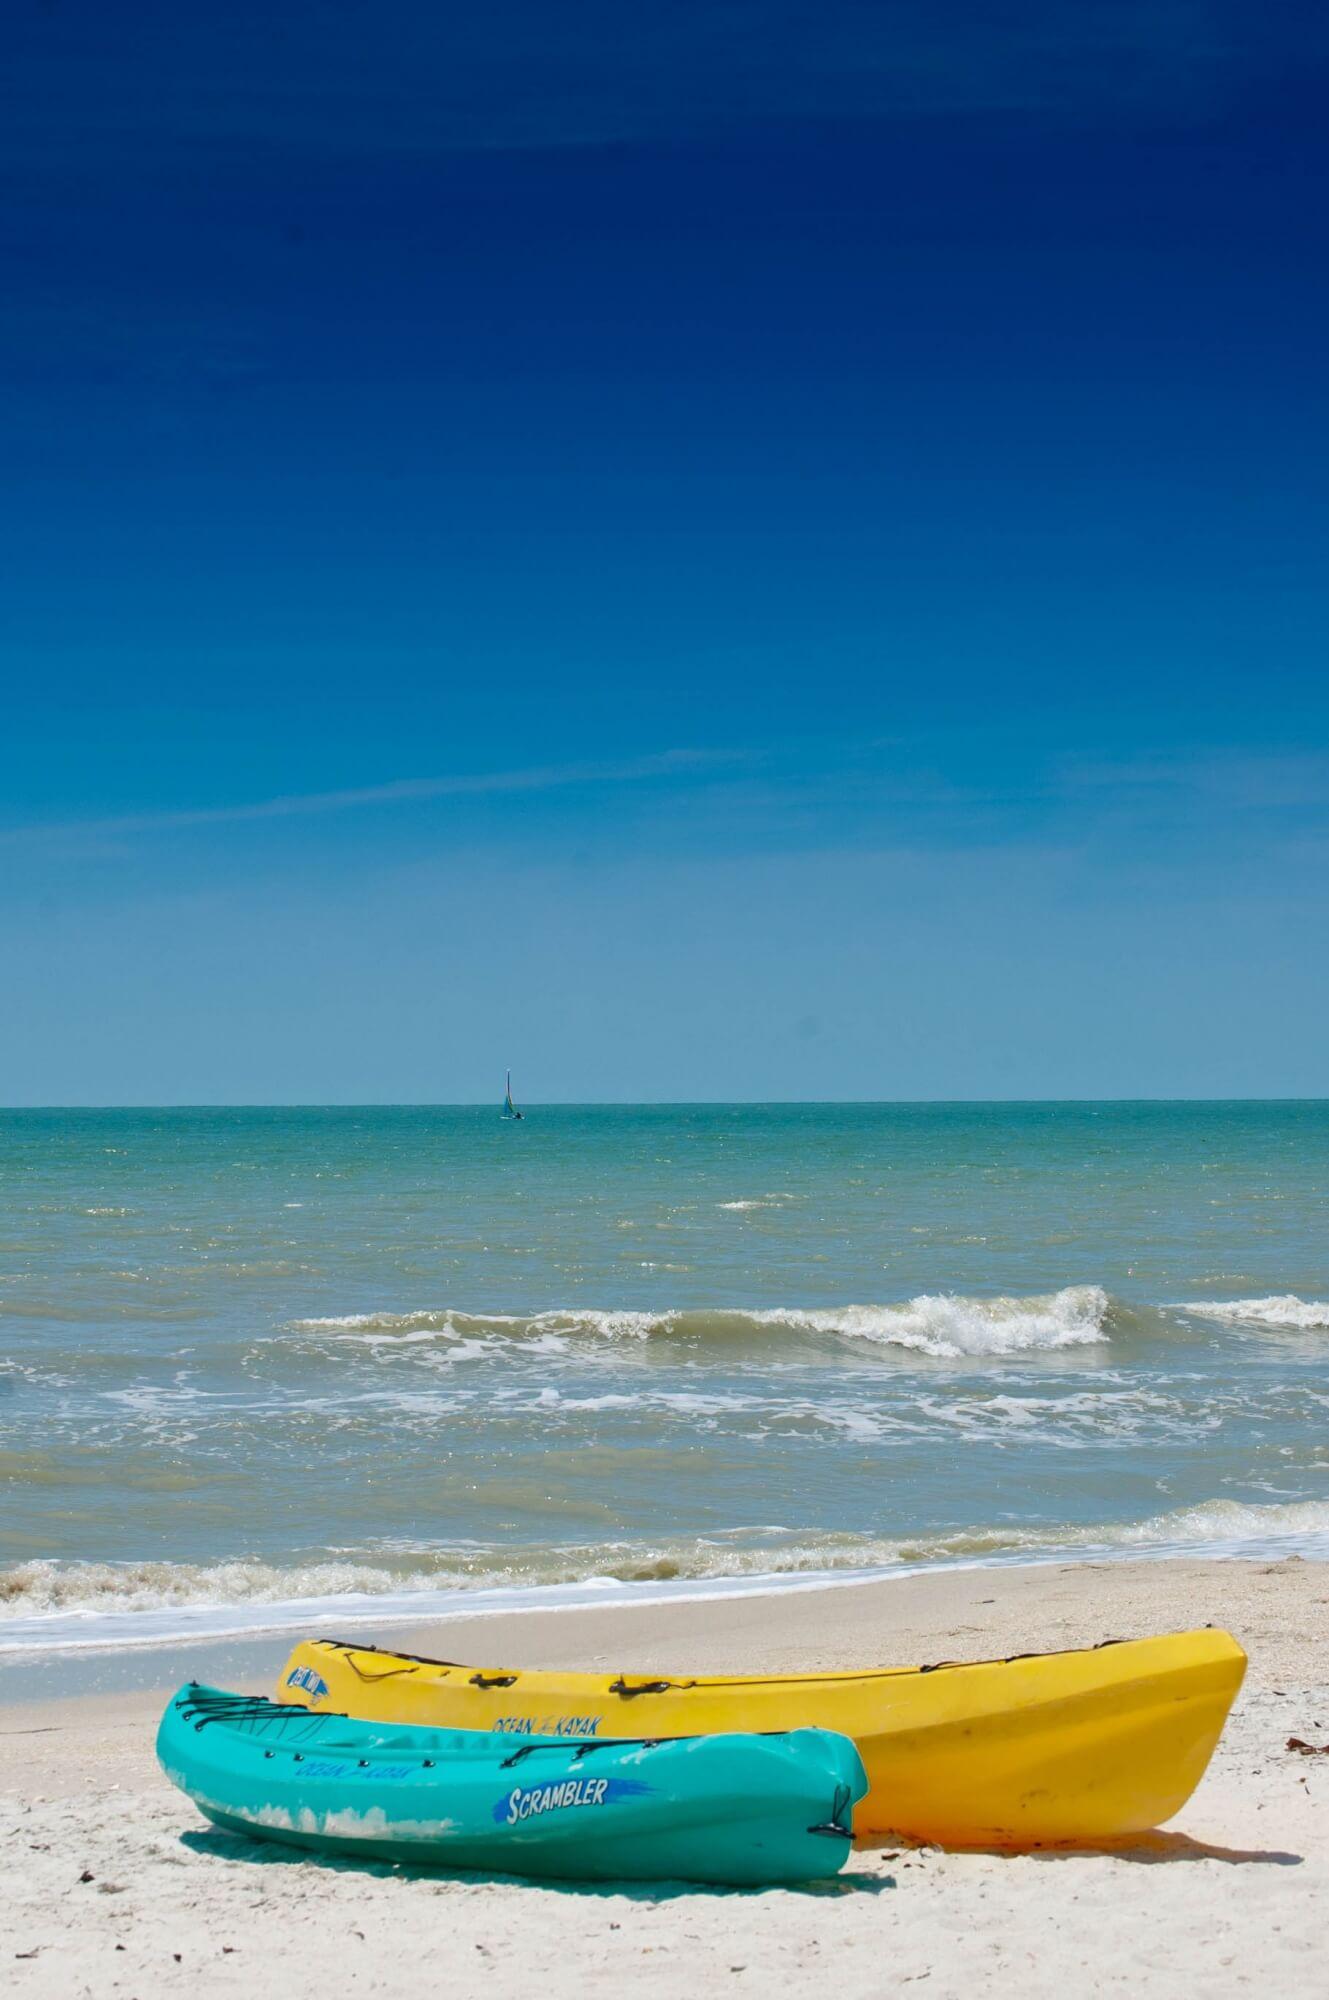 MustDo.com | Clam Pass Beach kayaks and Gulf of Mexico Naples, Florida. Photo by Debi Pittman Wilkey.